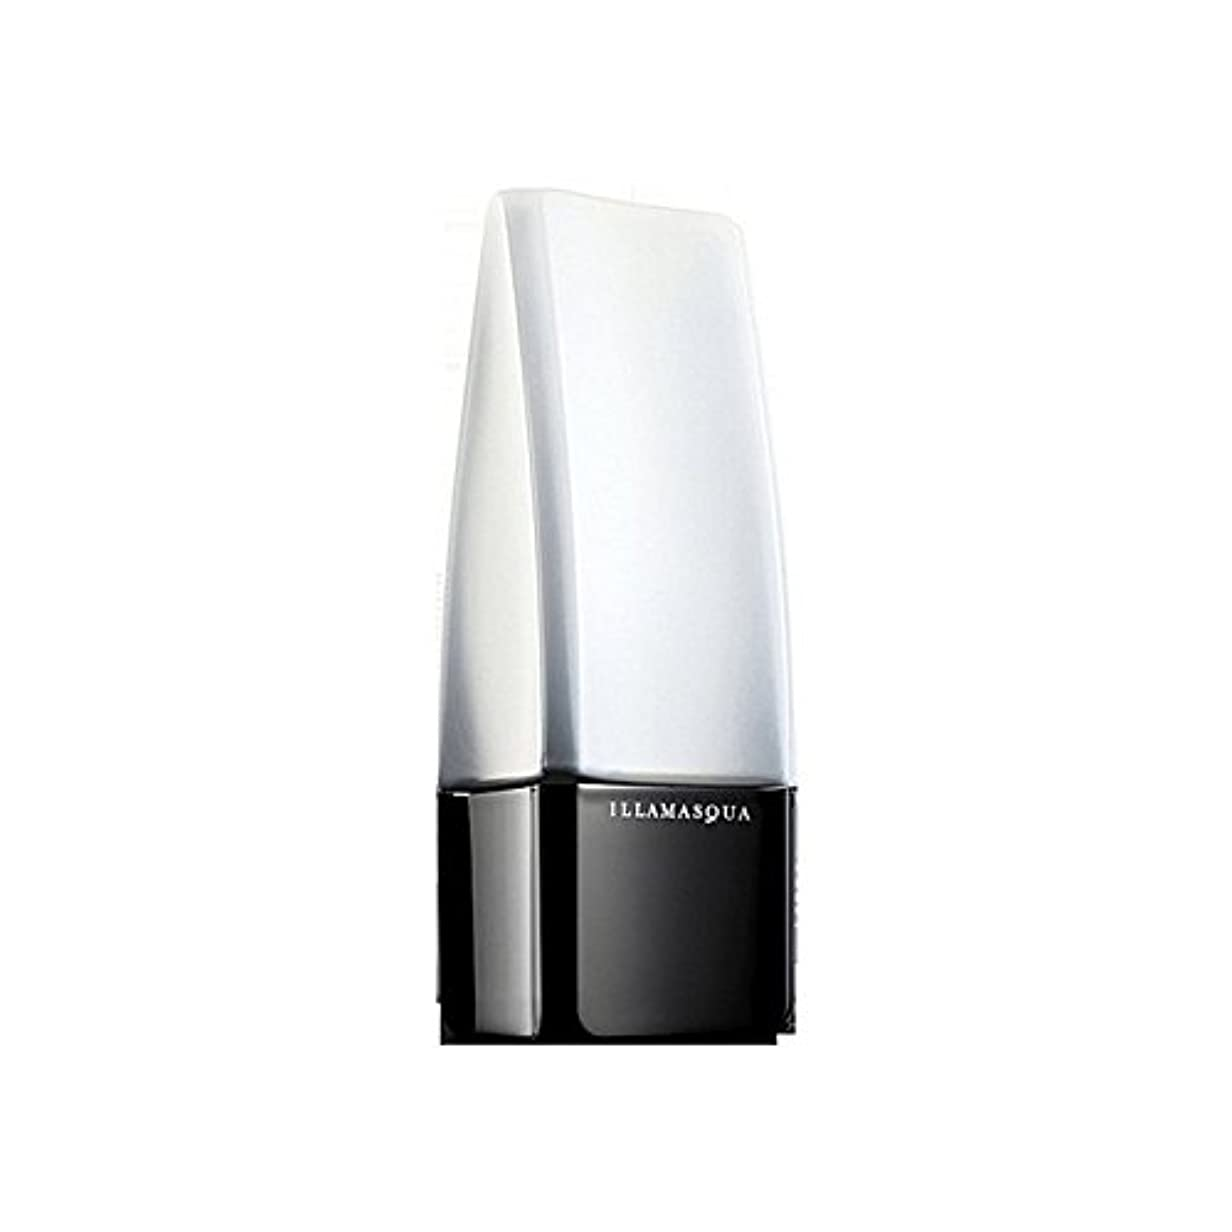 ローズ関係率直なマットプライマー 20 30ミリリットル x4 - Illamasqua Matt Primer Spf 20 30ml (Pack of 4) [並行輸入品]